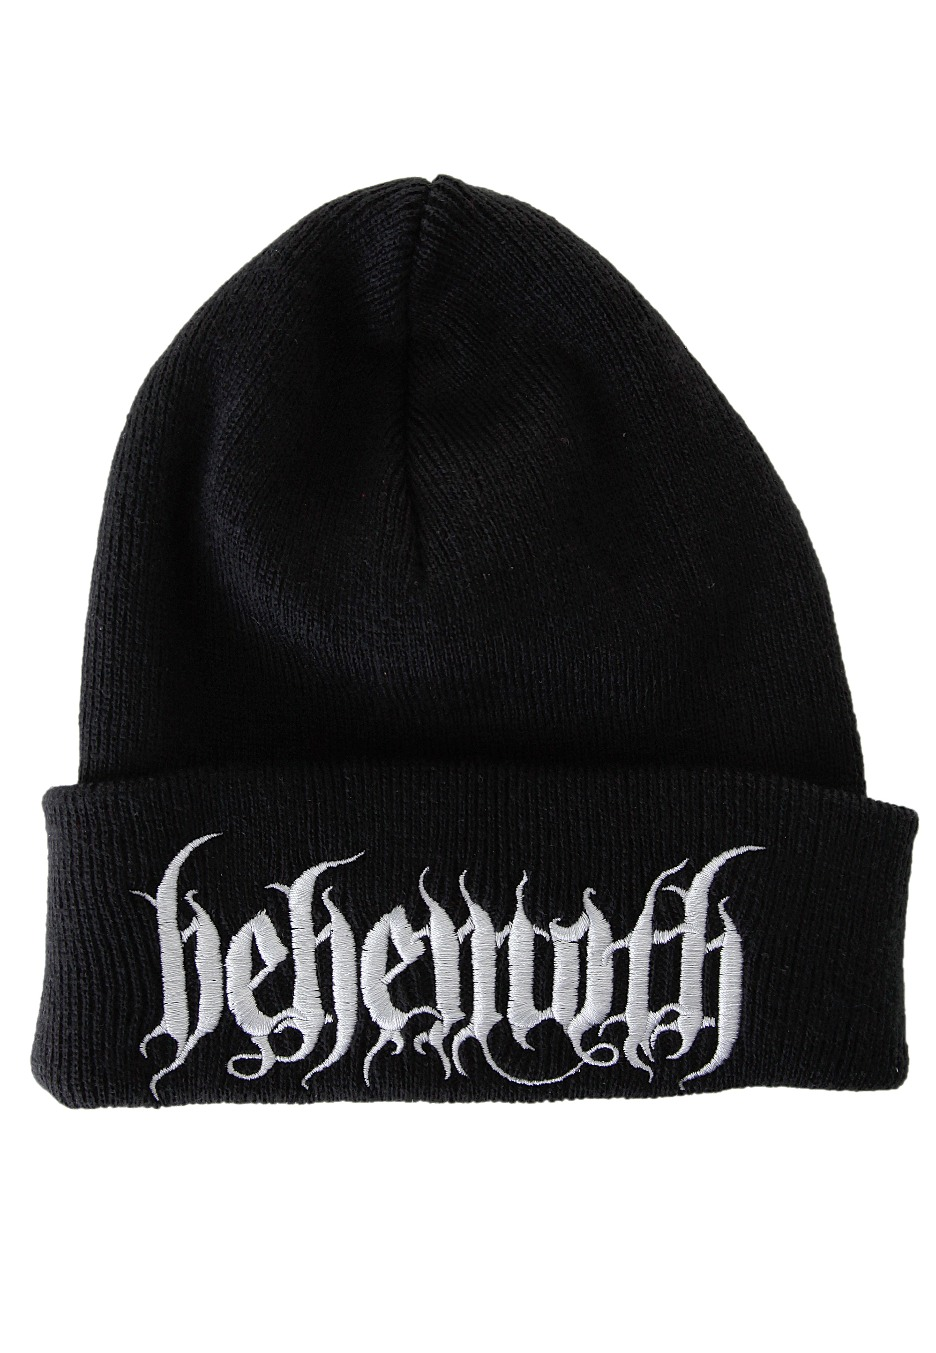 Behemoth - Logo - Beanies